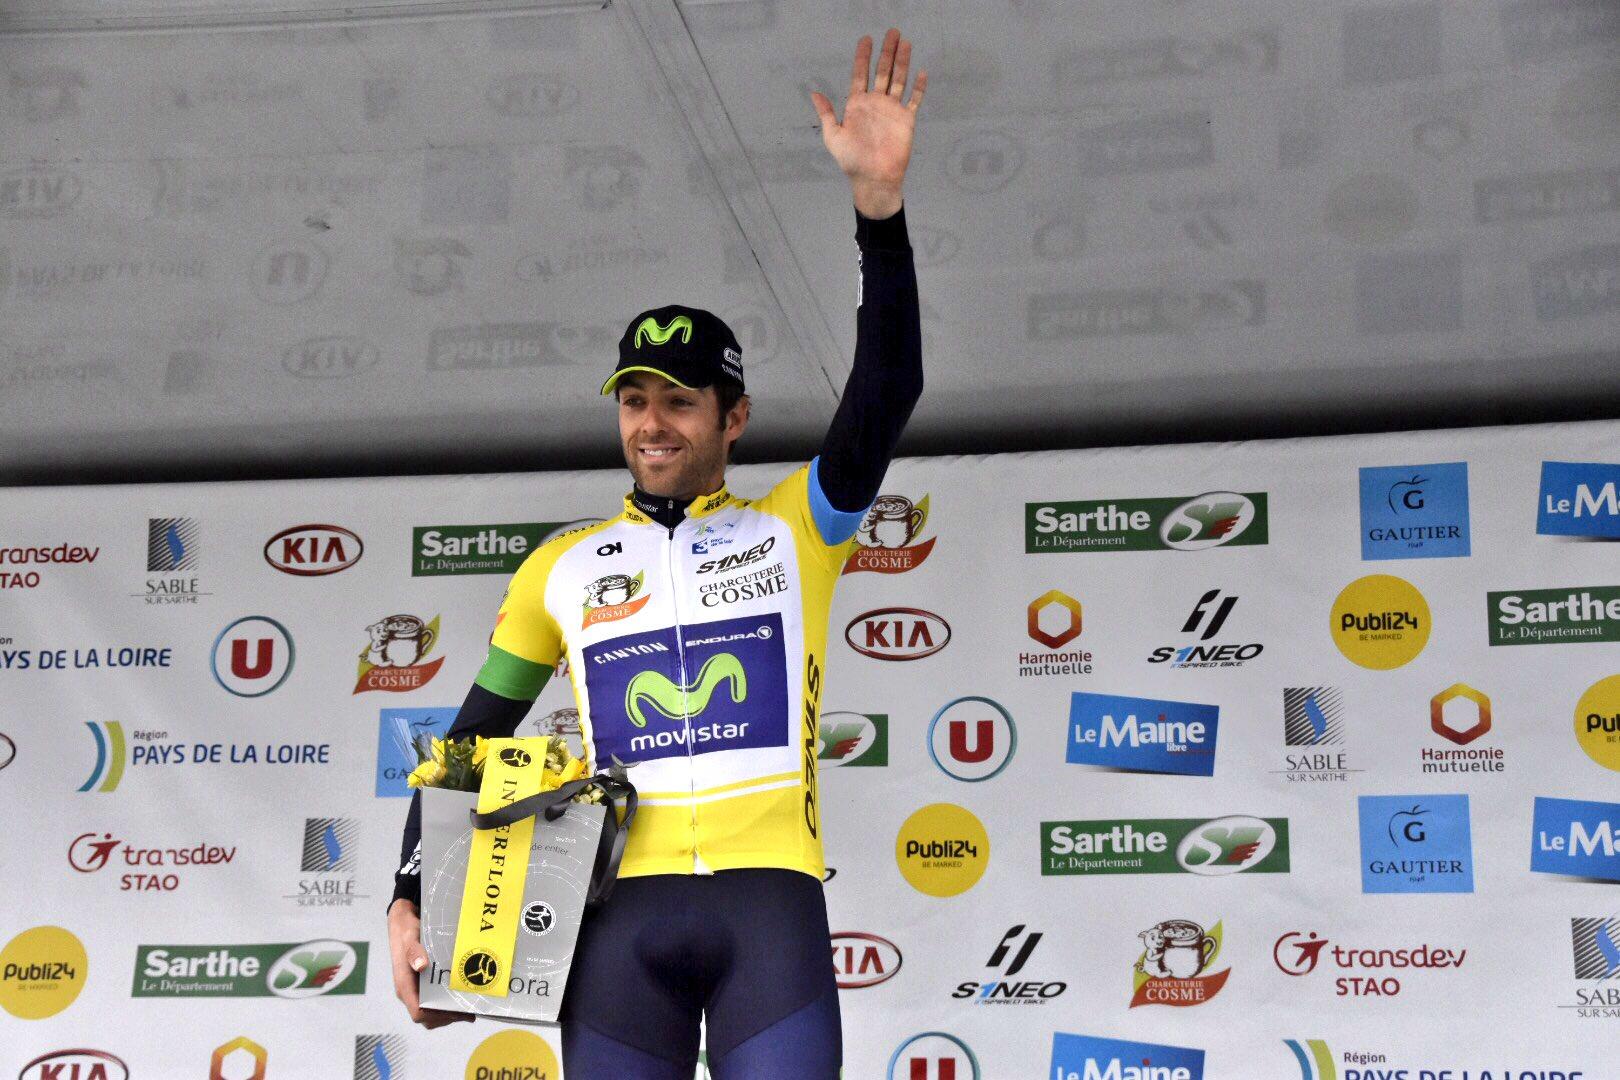 Alex Dowsett nuovo leader del Circuit Cycliste Sarthe dopo la cronometro